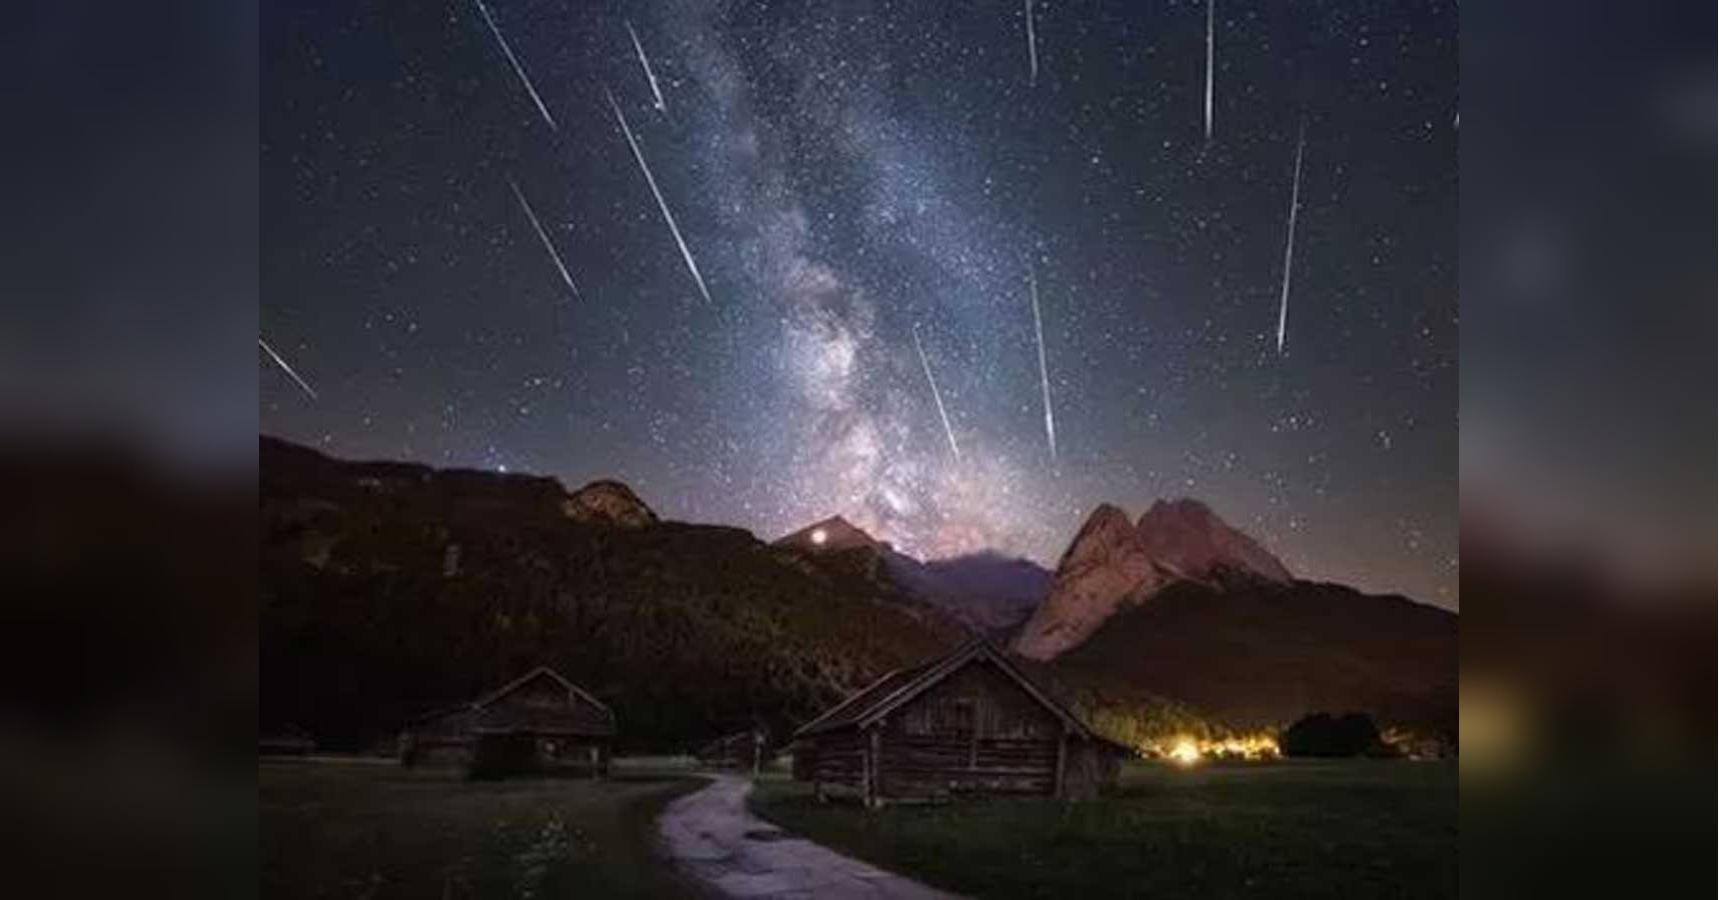 Look up! Meteor shower viewing peaks next week, experts say